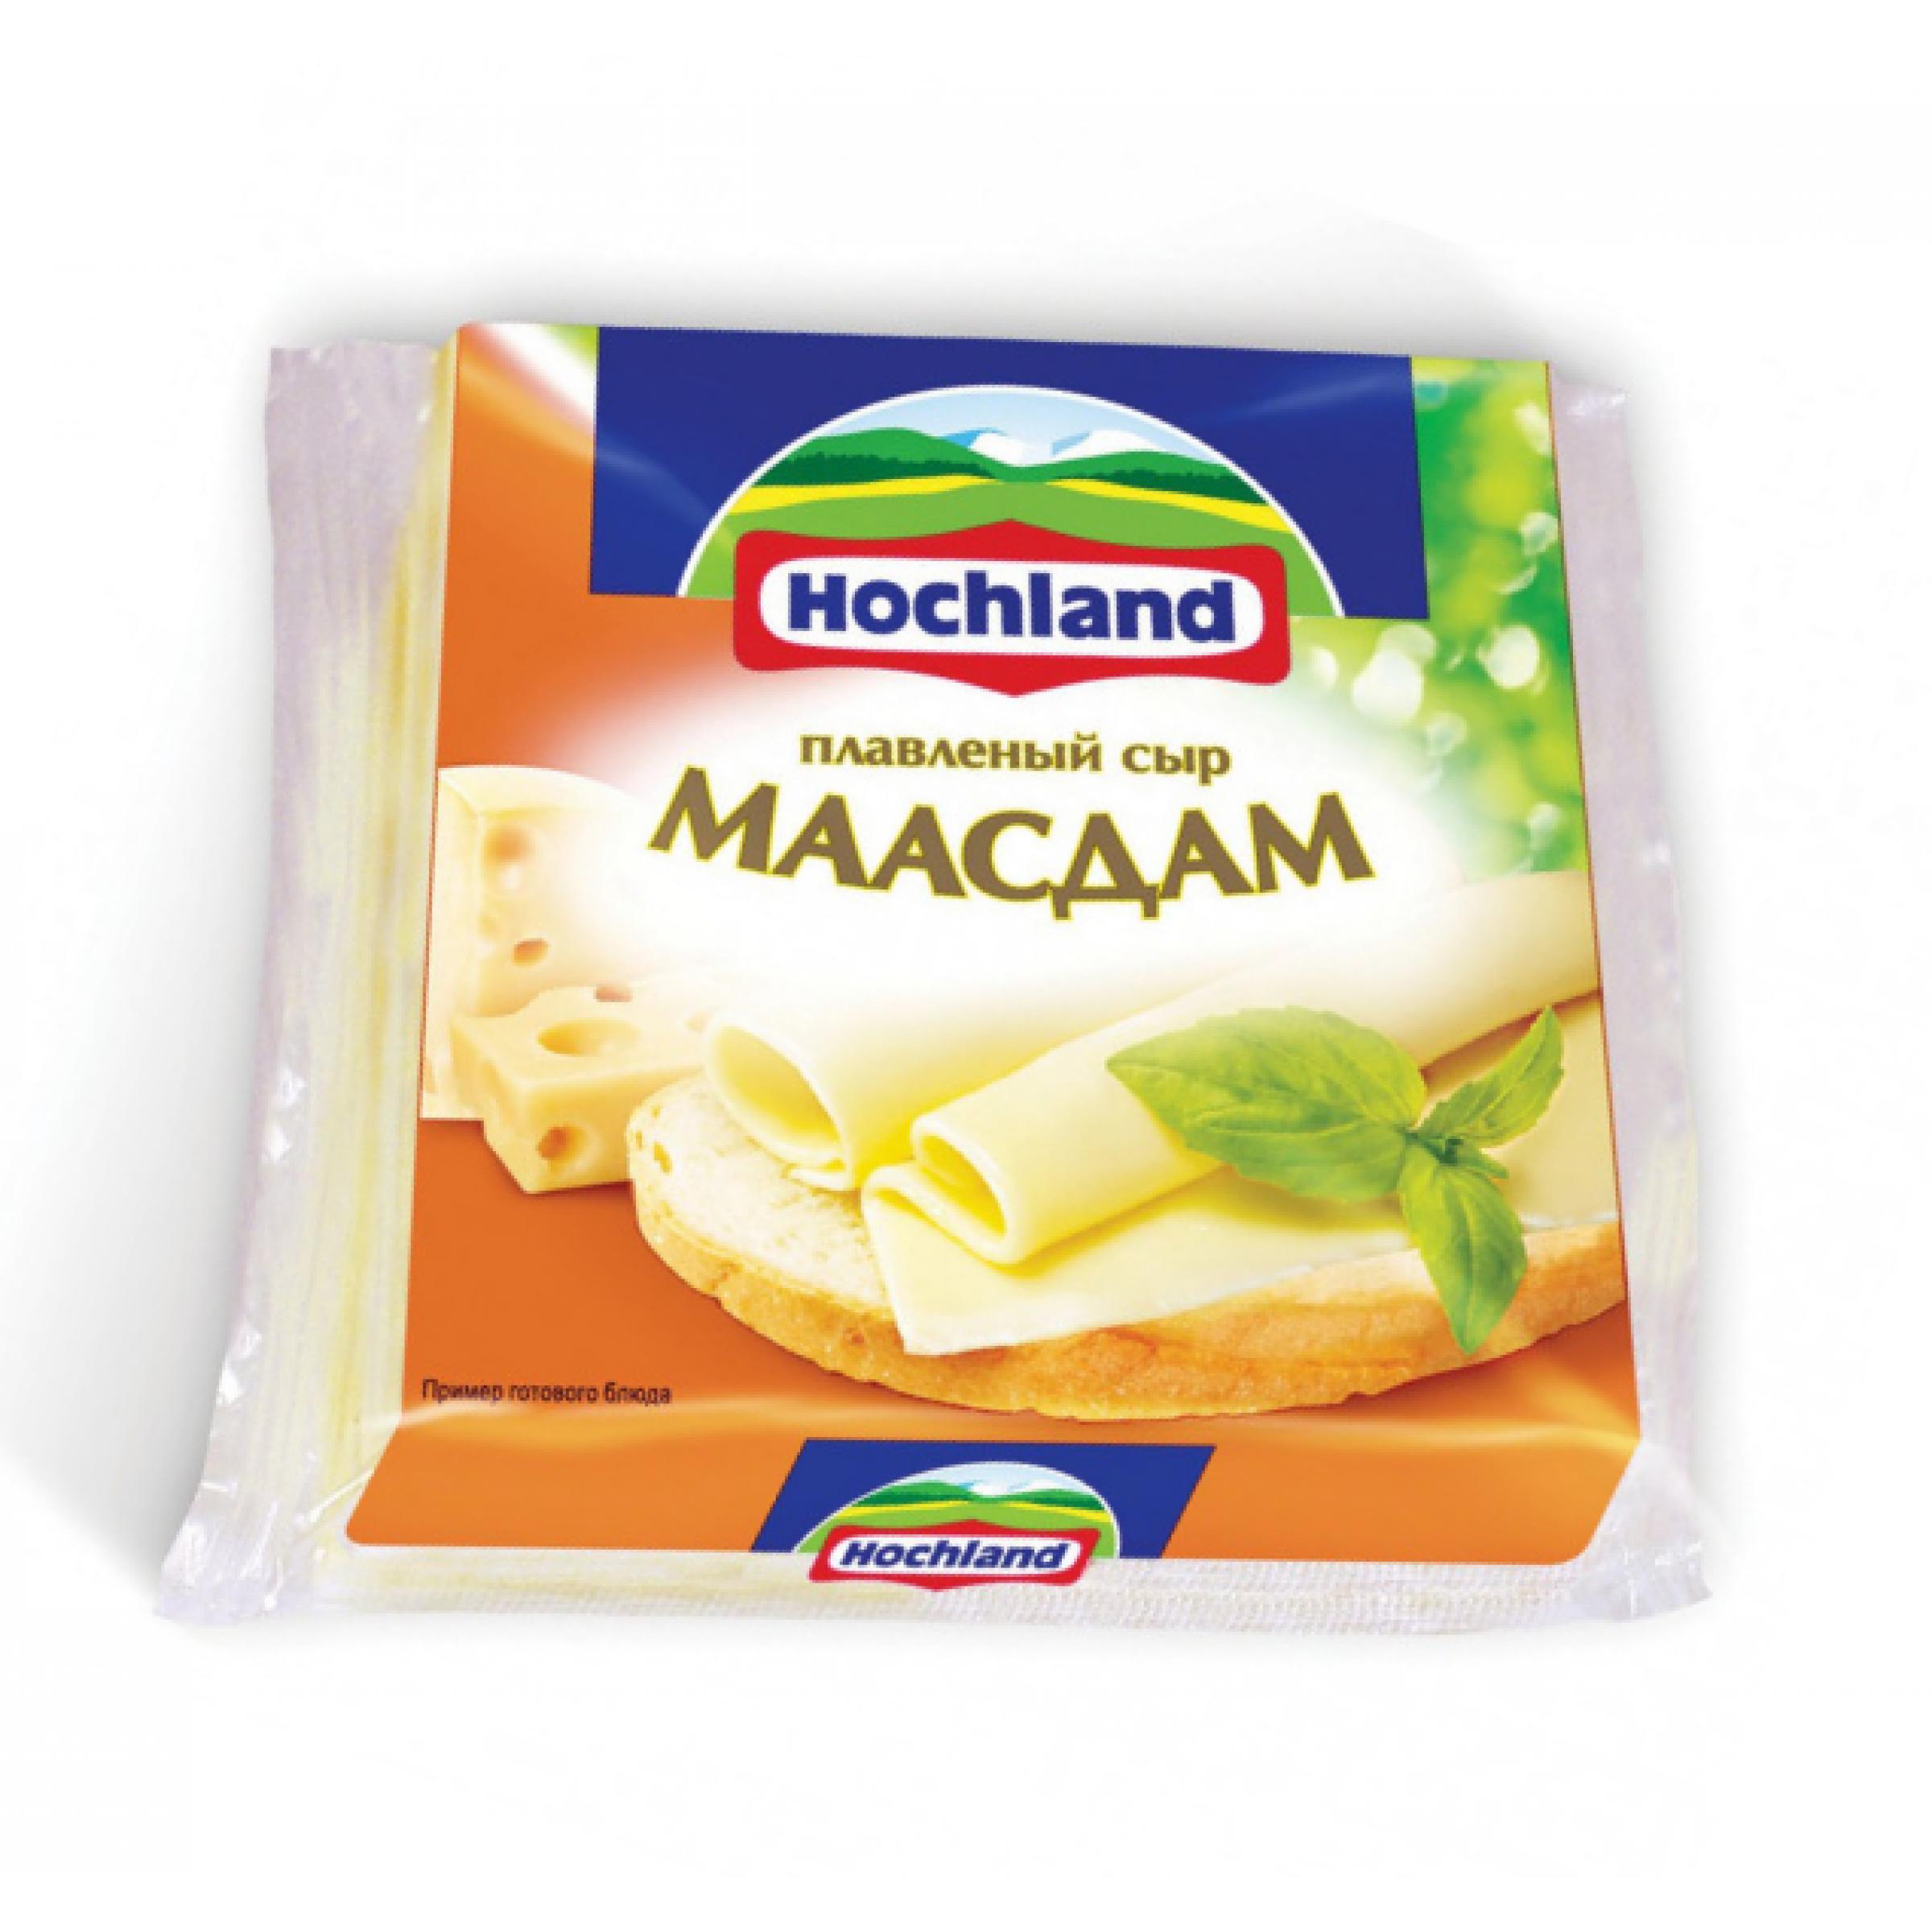 """Сыр """"Hochland"""" 45% плавленый ломтики Маасдам, 150гр."""